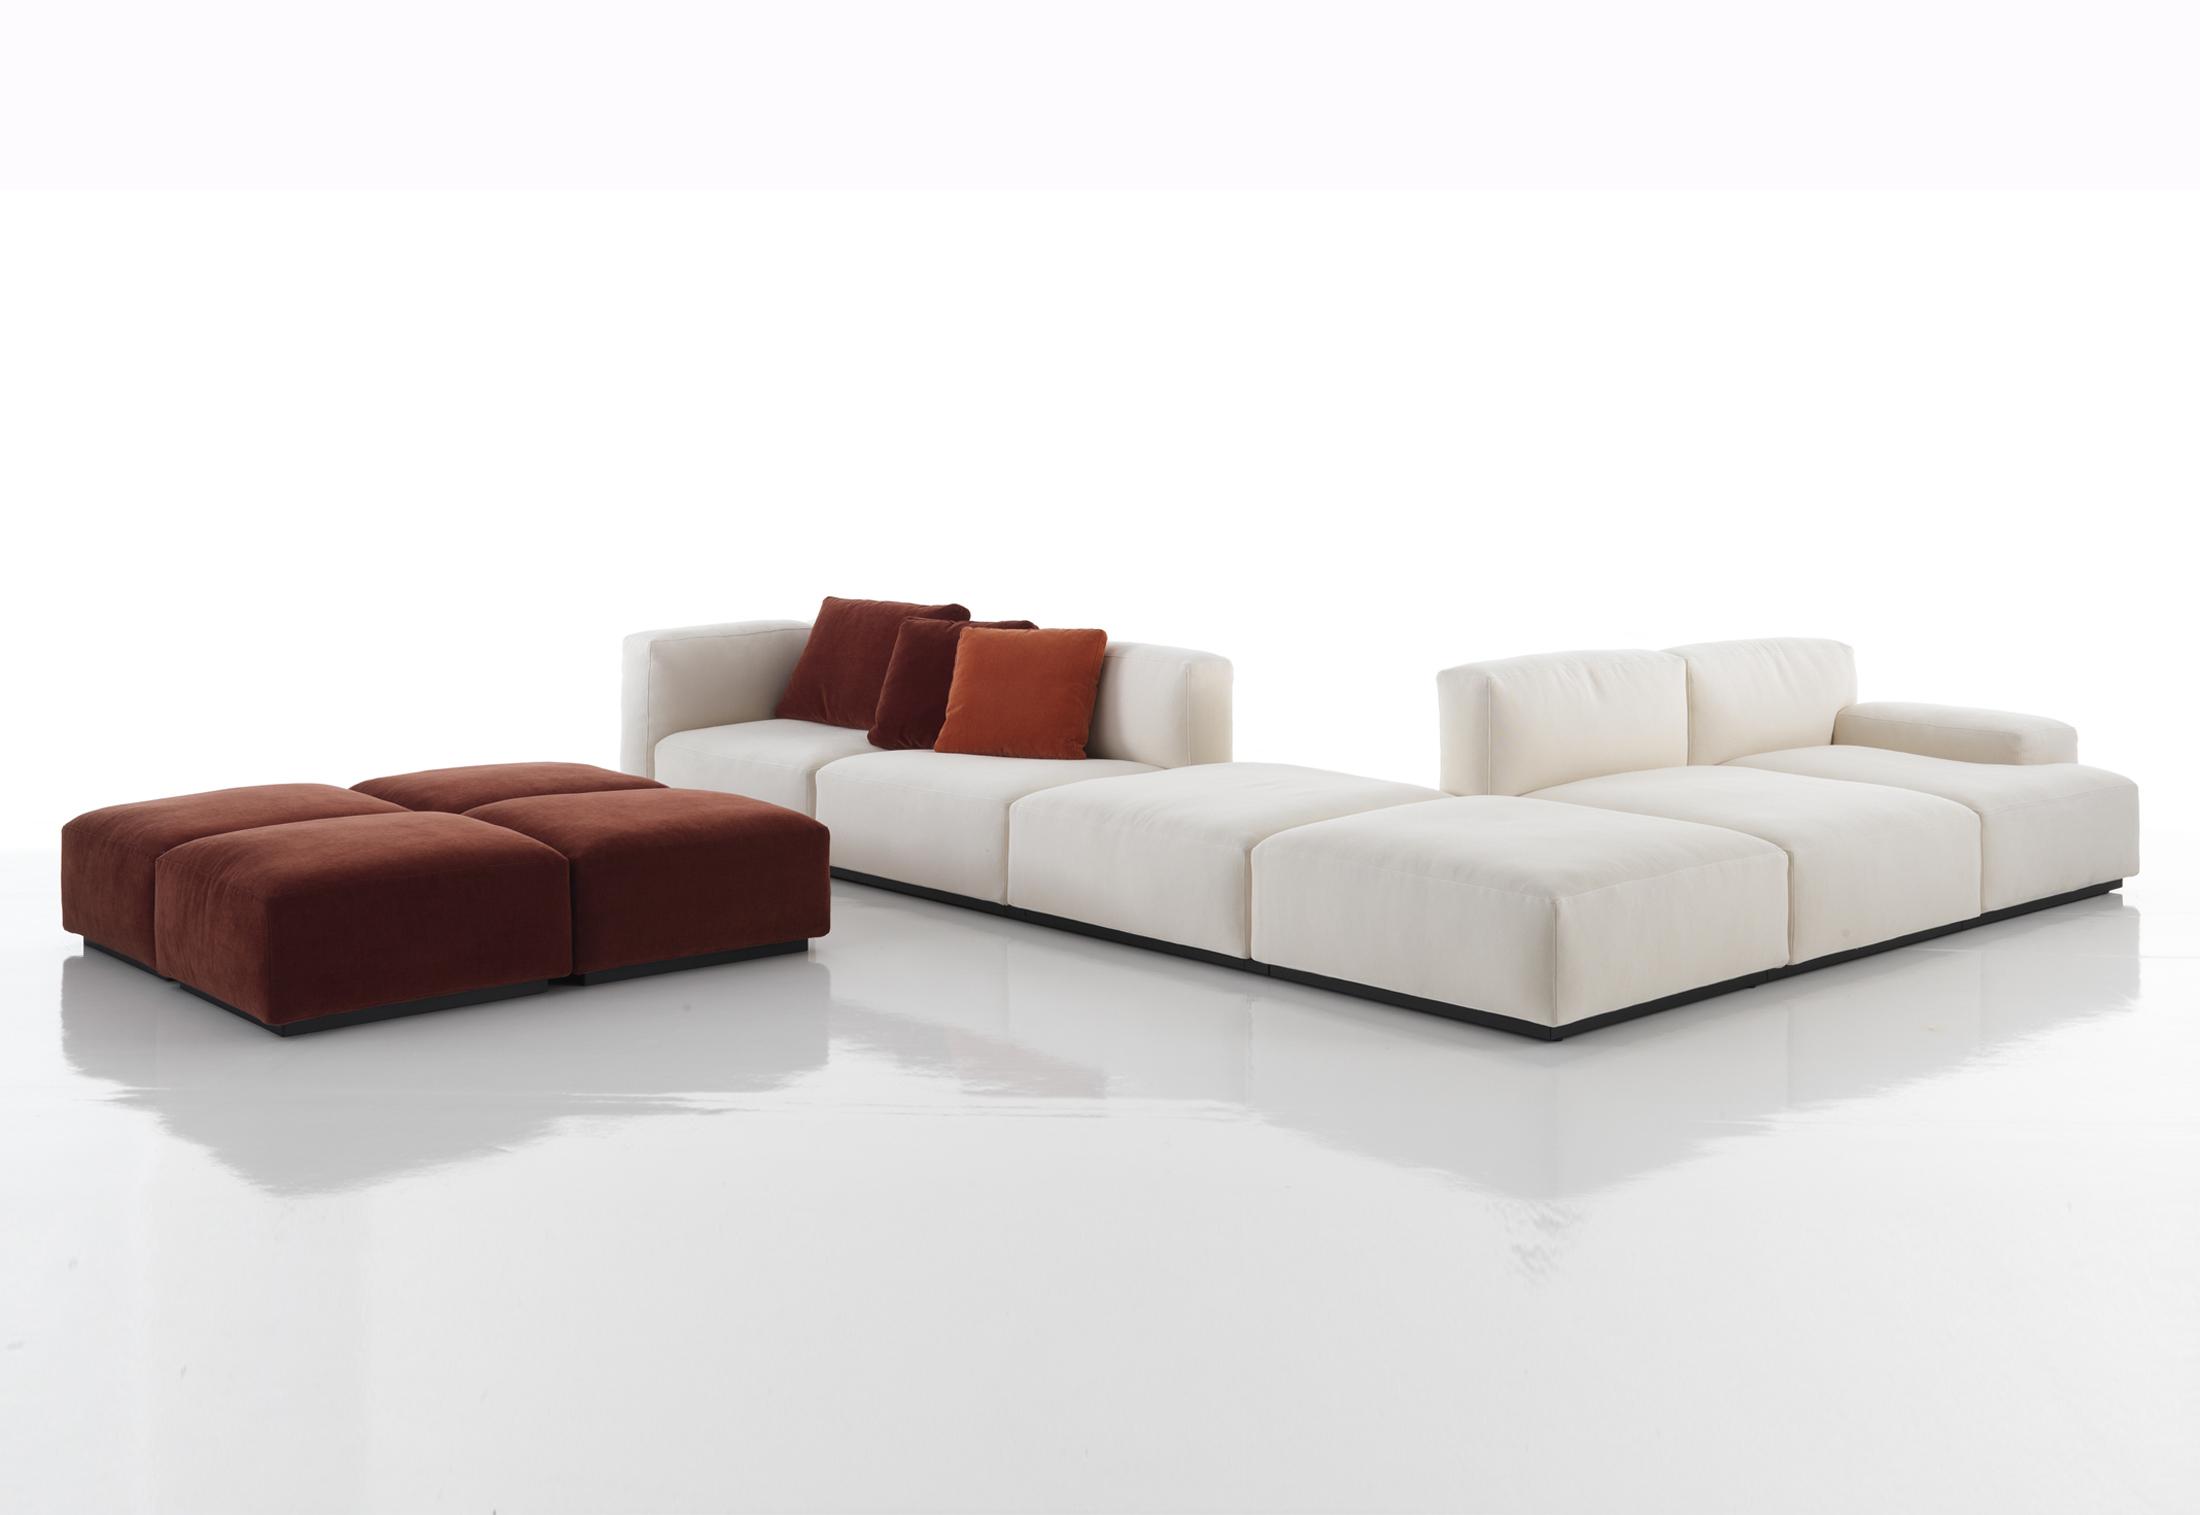 canap s fauteuils meubles design mobilier et luminaires del mont porrentruy moutier. Black Bedroom Furniture Sets. Home Design Ideas